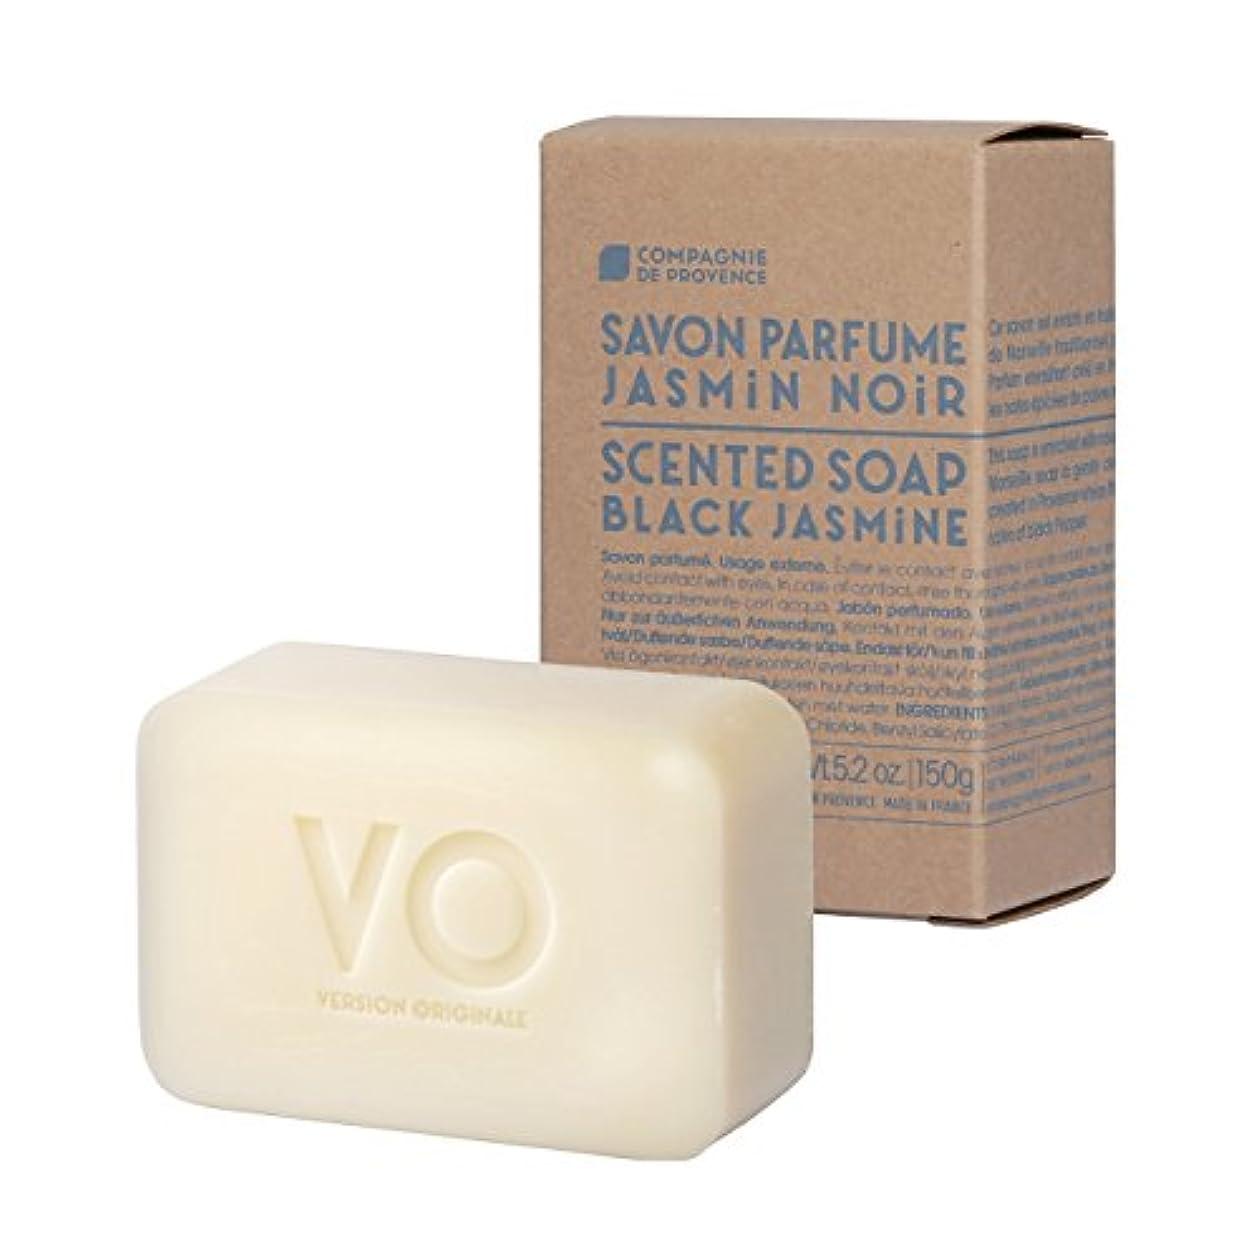 スタジオ守る会社カンパニードプロバンス バージョンオリジナル センティッドソープ ブラックジャスミン(すっきりとした中にも甘さがある香り) 150g